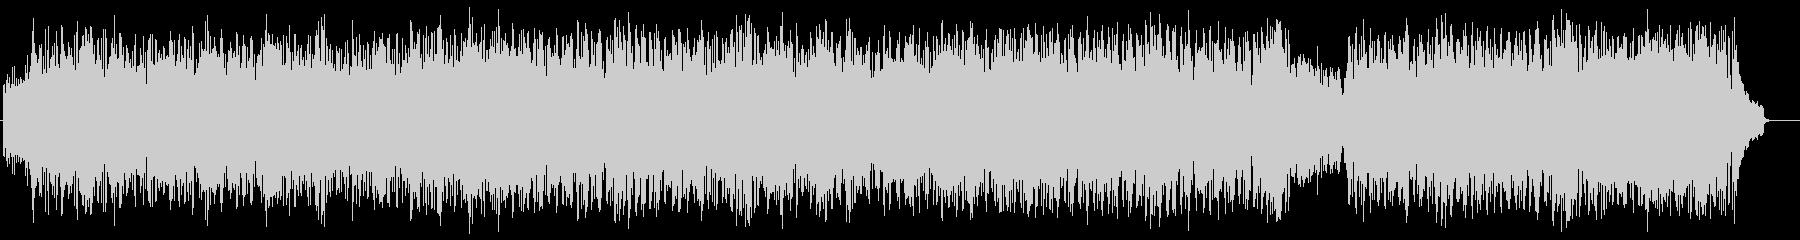 リゾート風ラテンポップス(フルサイズ)の未再生の波形